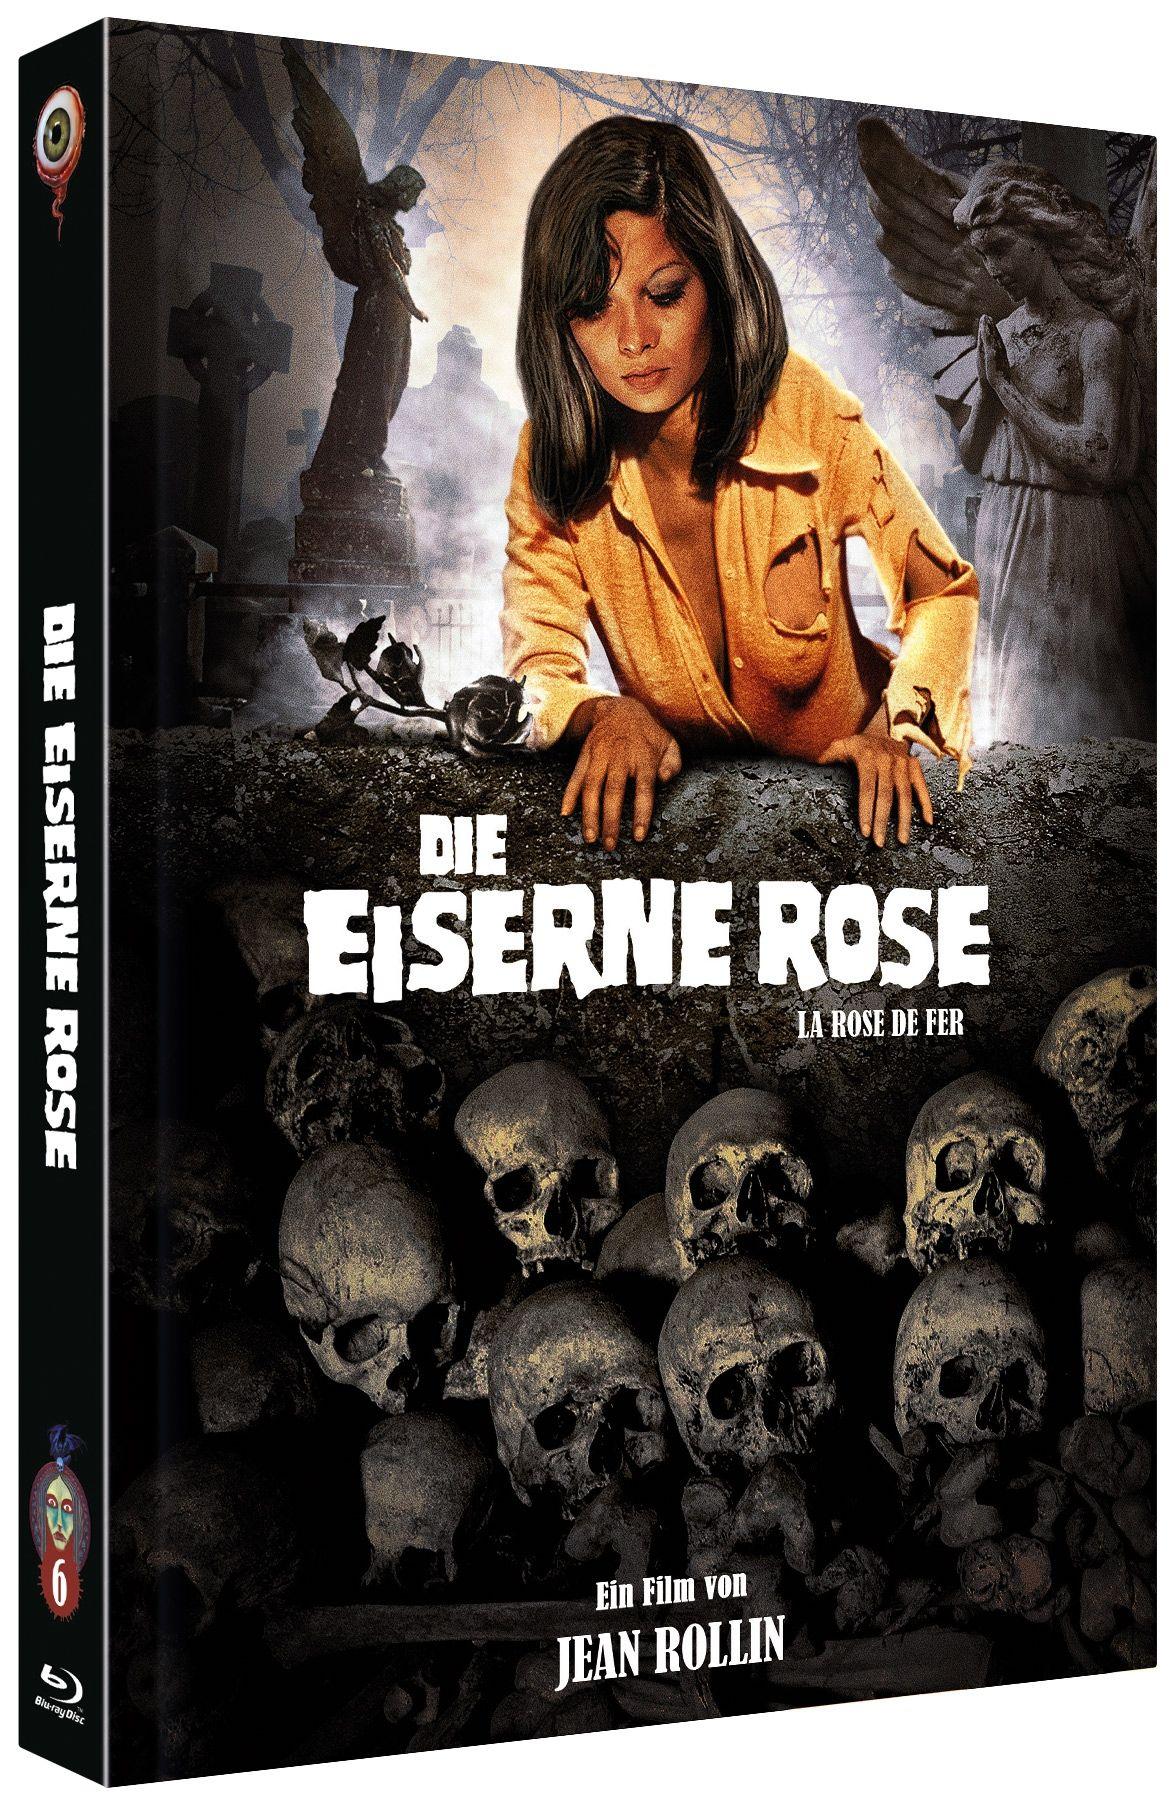 Eiserne Rose, Die (Lim. Uncut Mediabook - Cover A) (DVD + BLURAY)